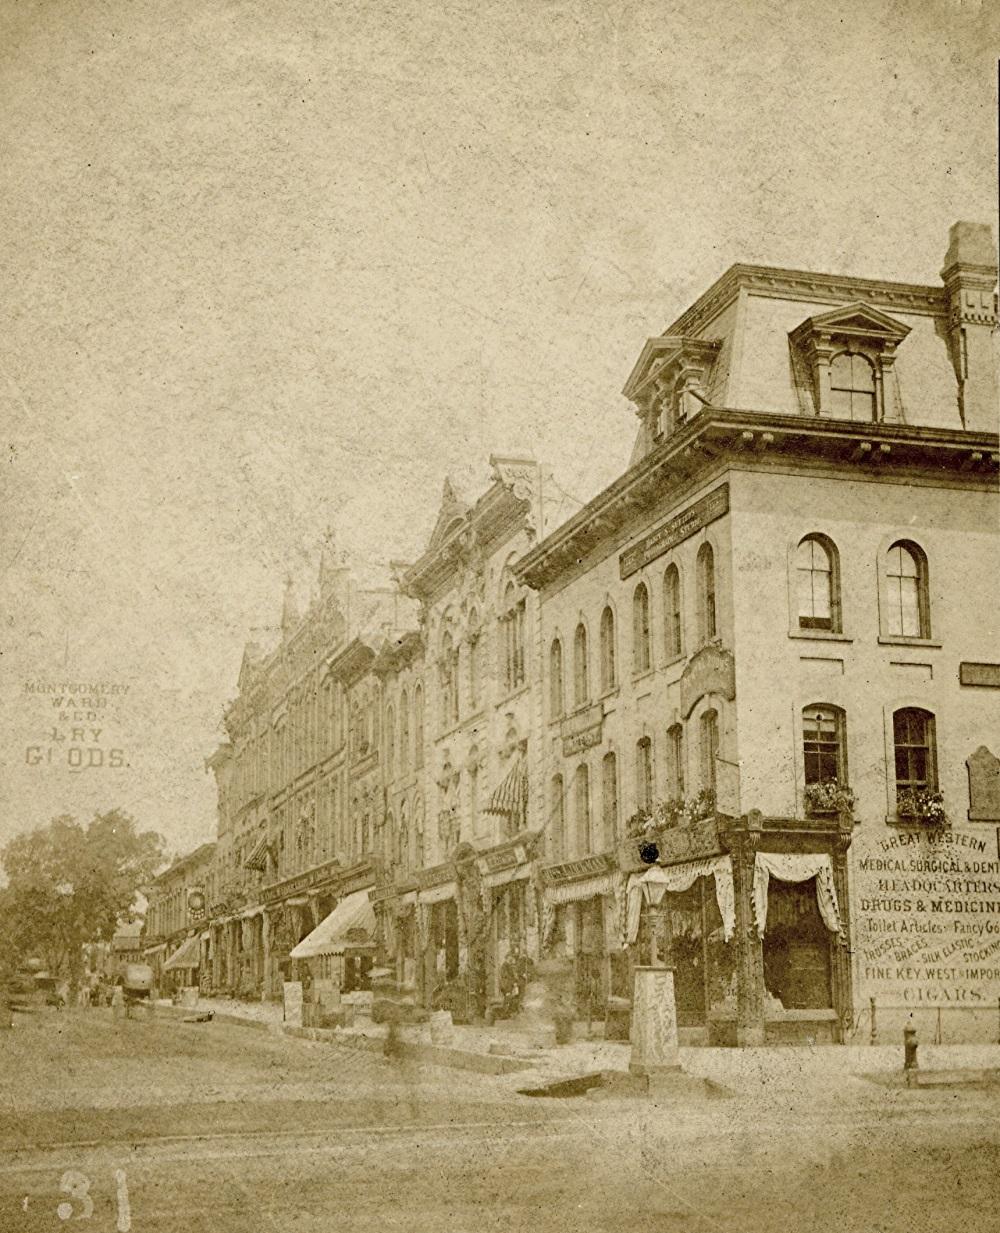 Wisconsin Street at Milwaukee, 1880